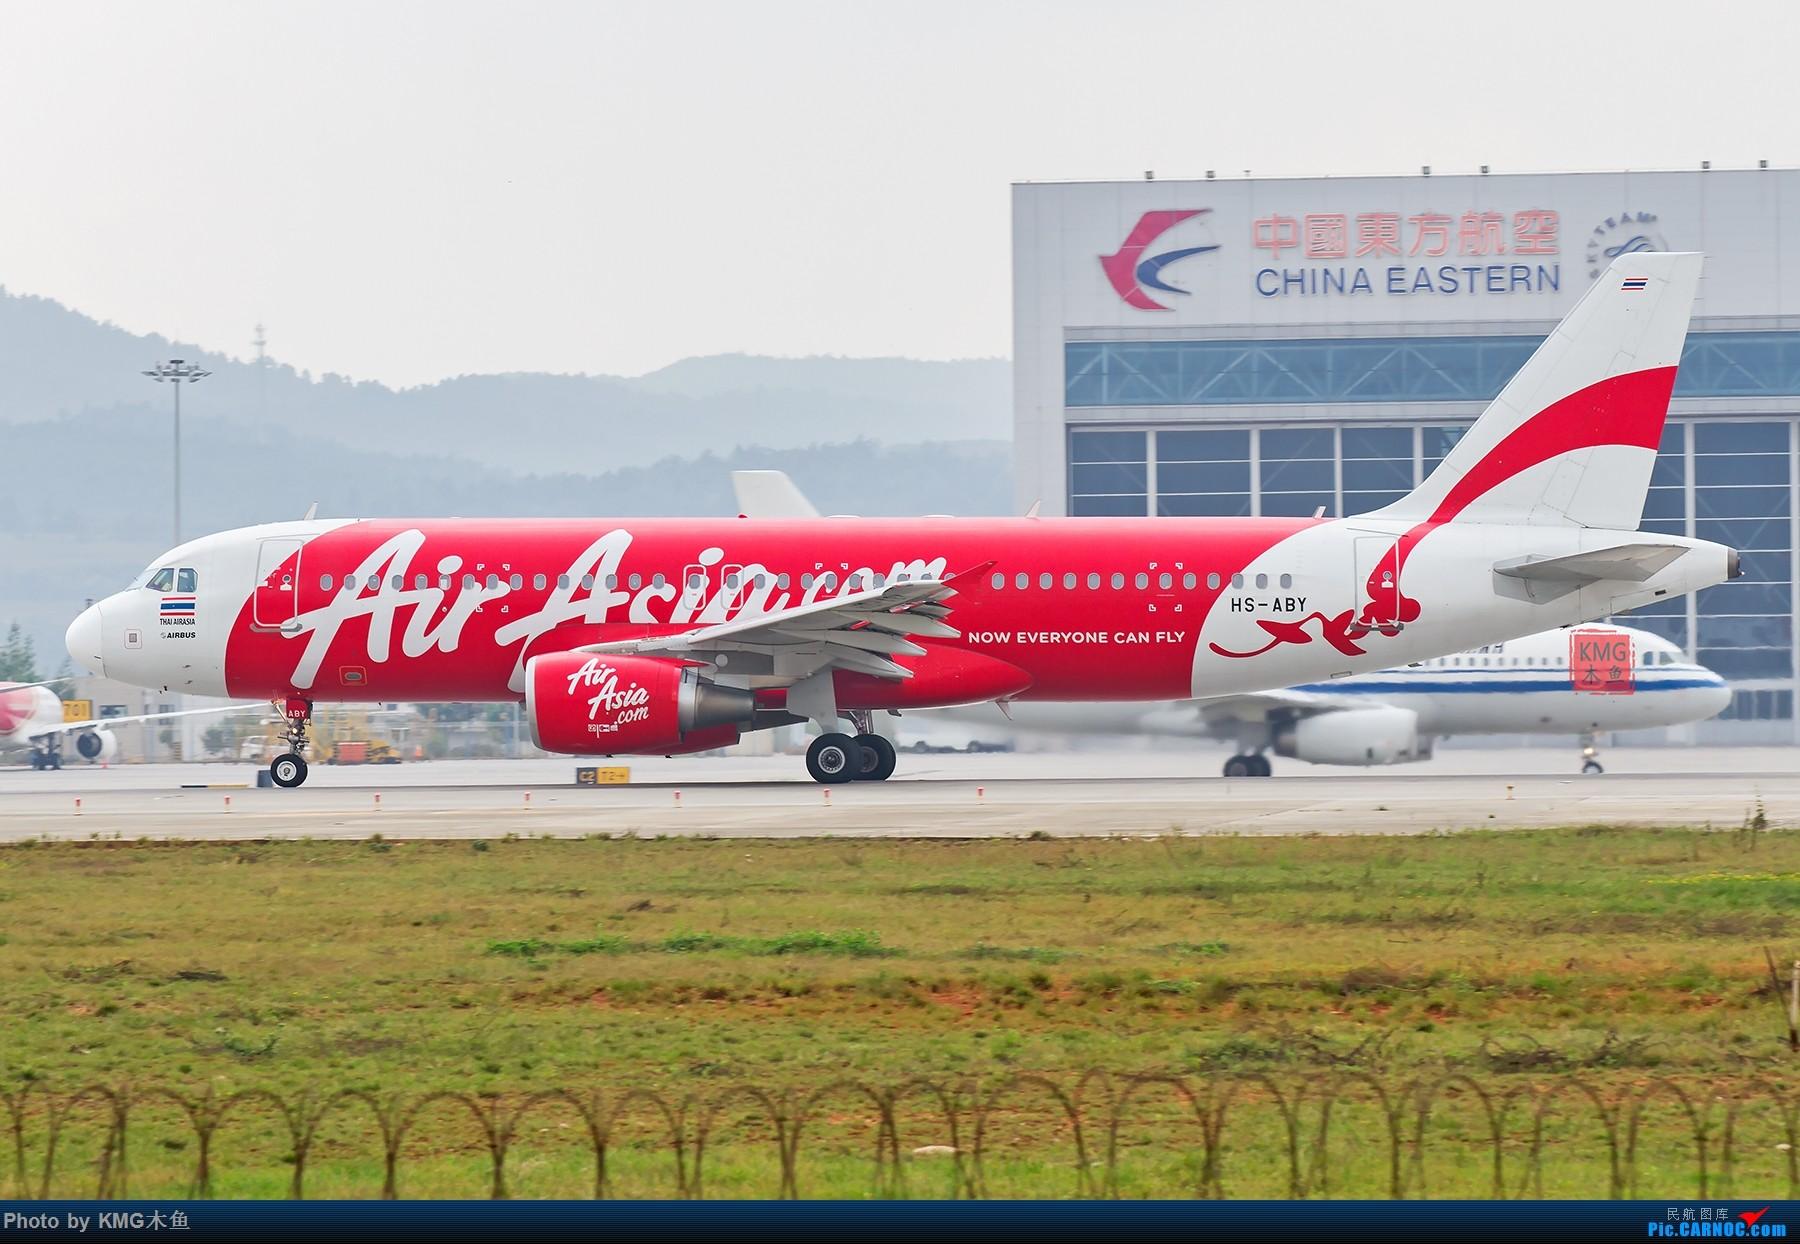 Re:[原创]【昆明长水国际机场—KMG木鱼10.16日拍机】周末拍机,有宽体,有彩绘,少了小伙伴们,独自一人拍机 AIRBUS A320-200 HS-ABY 中国昆明长水国际机场